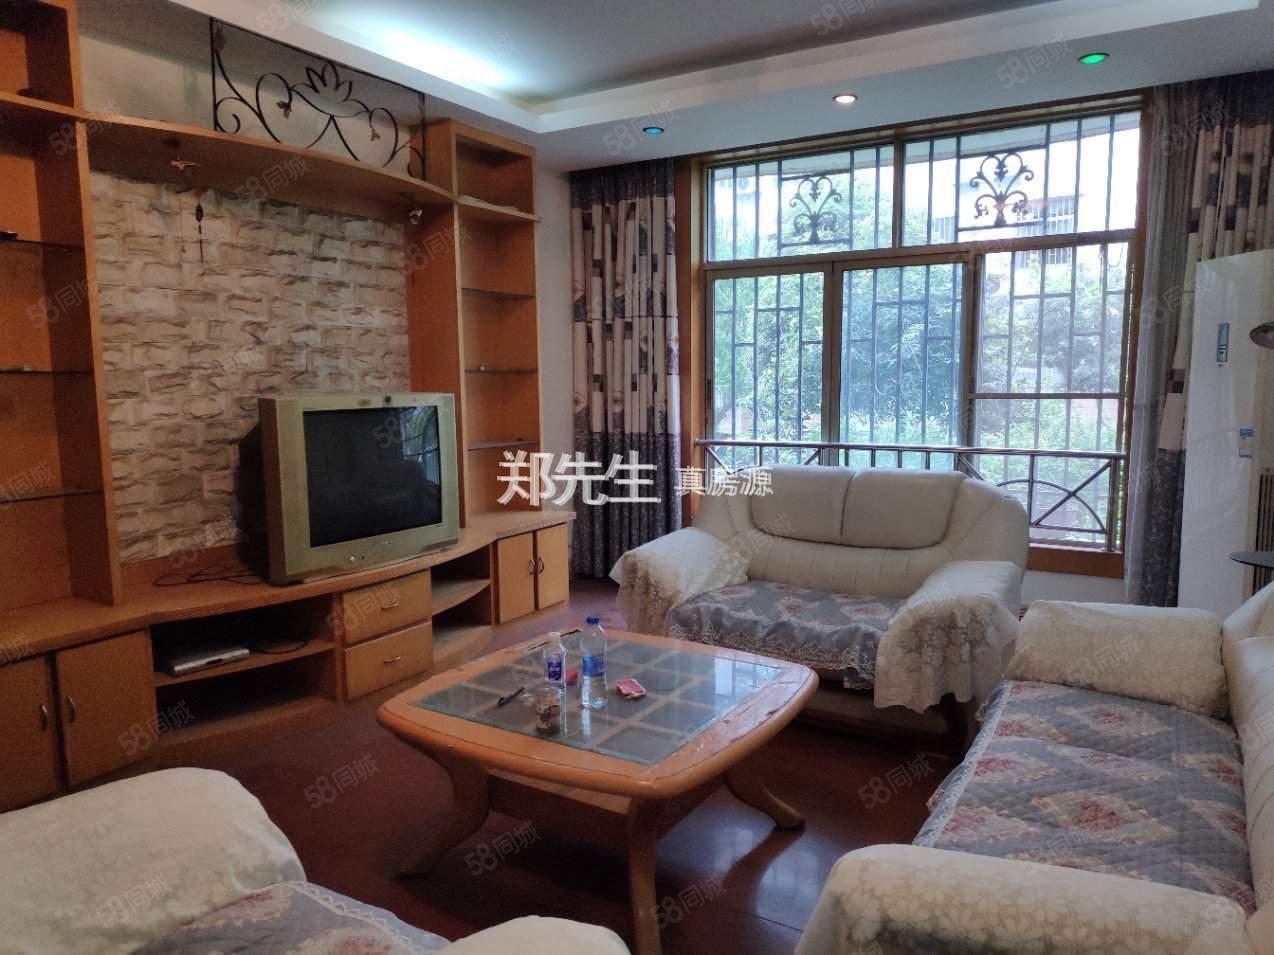 明珠小區多層1樓大三室精裝修帶花園送柴房